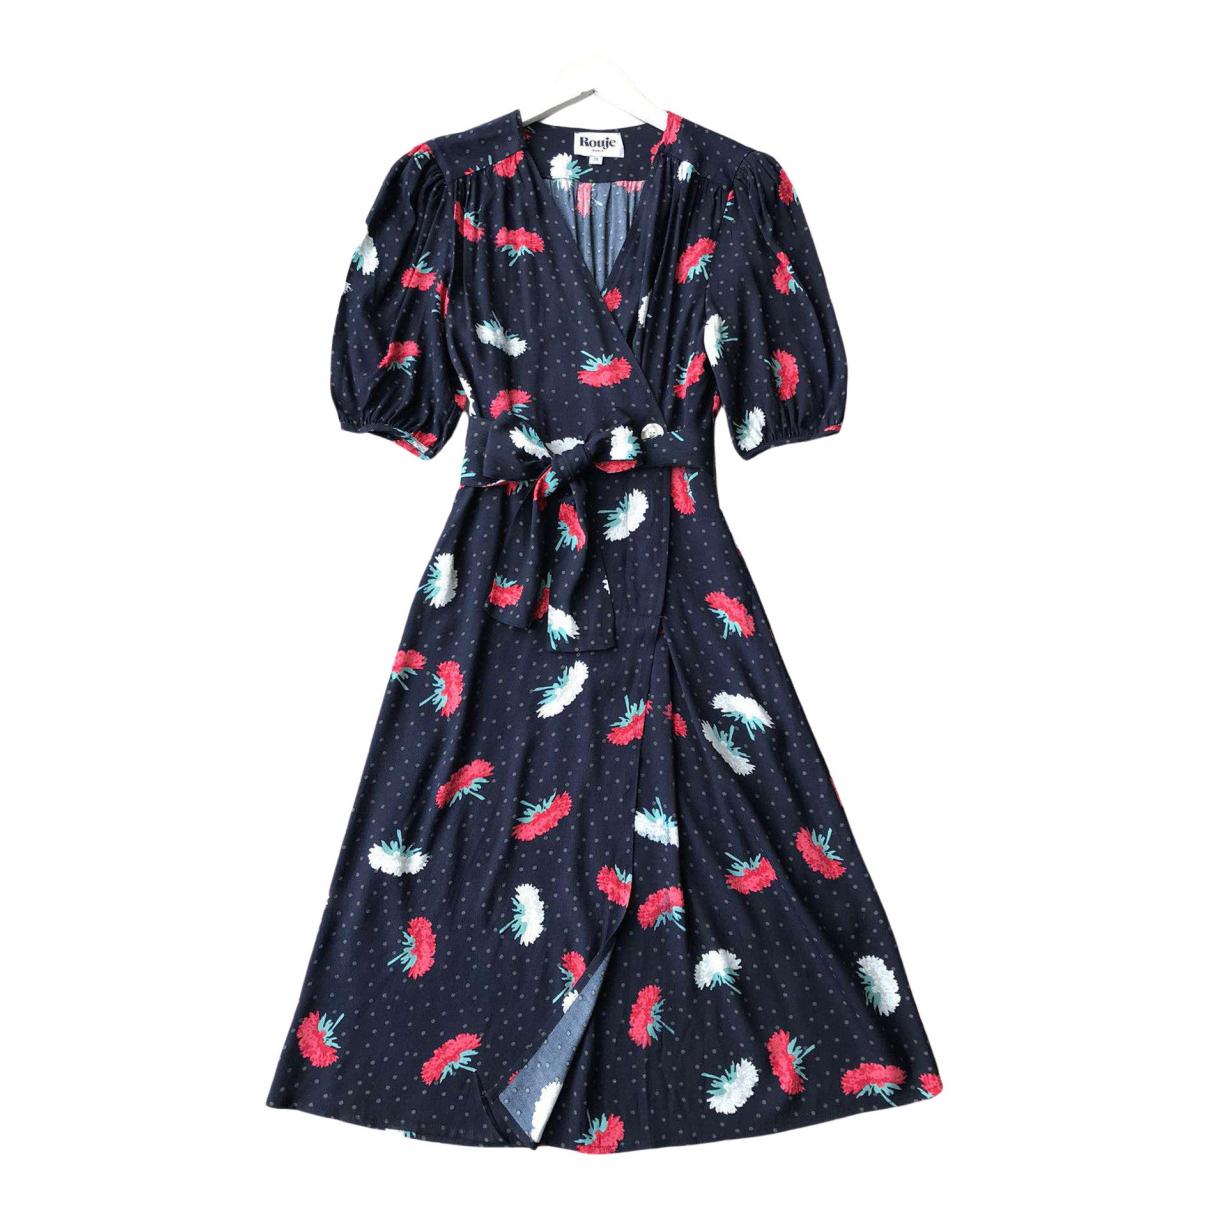 Rouje Spring Summer 2020 Black dress for Women 36 FR